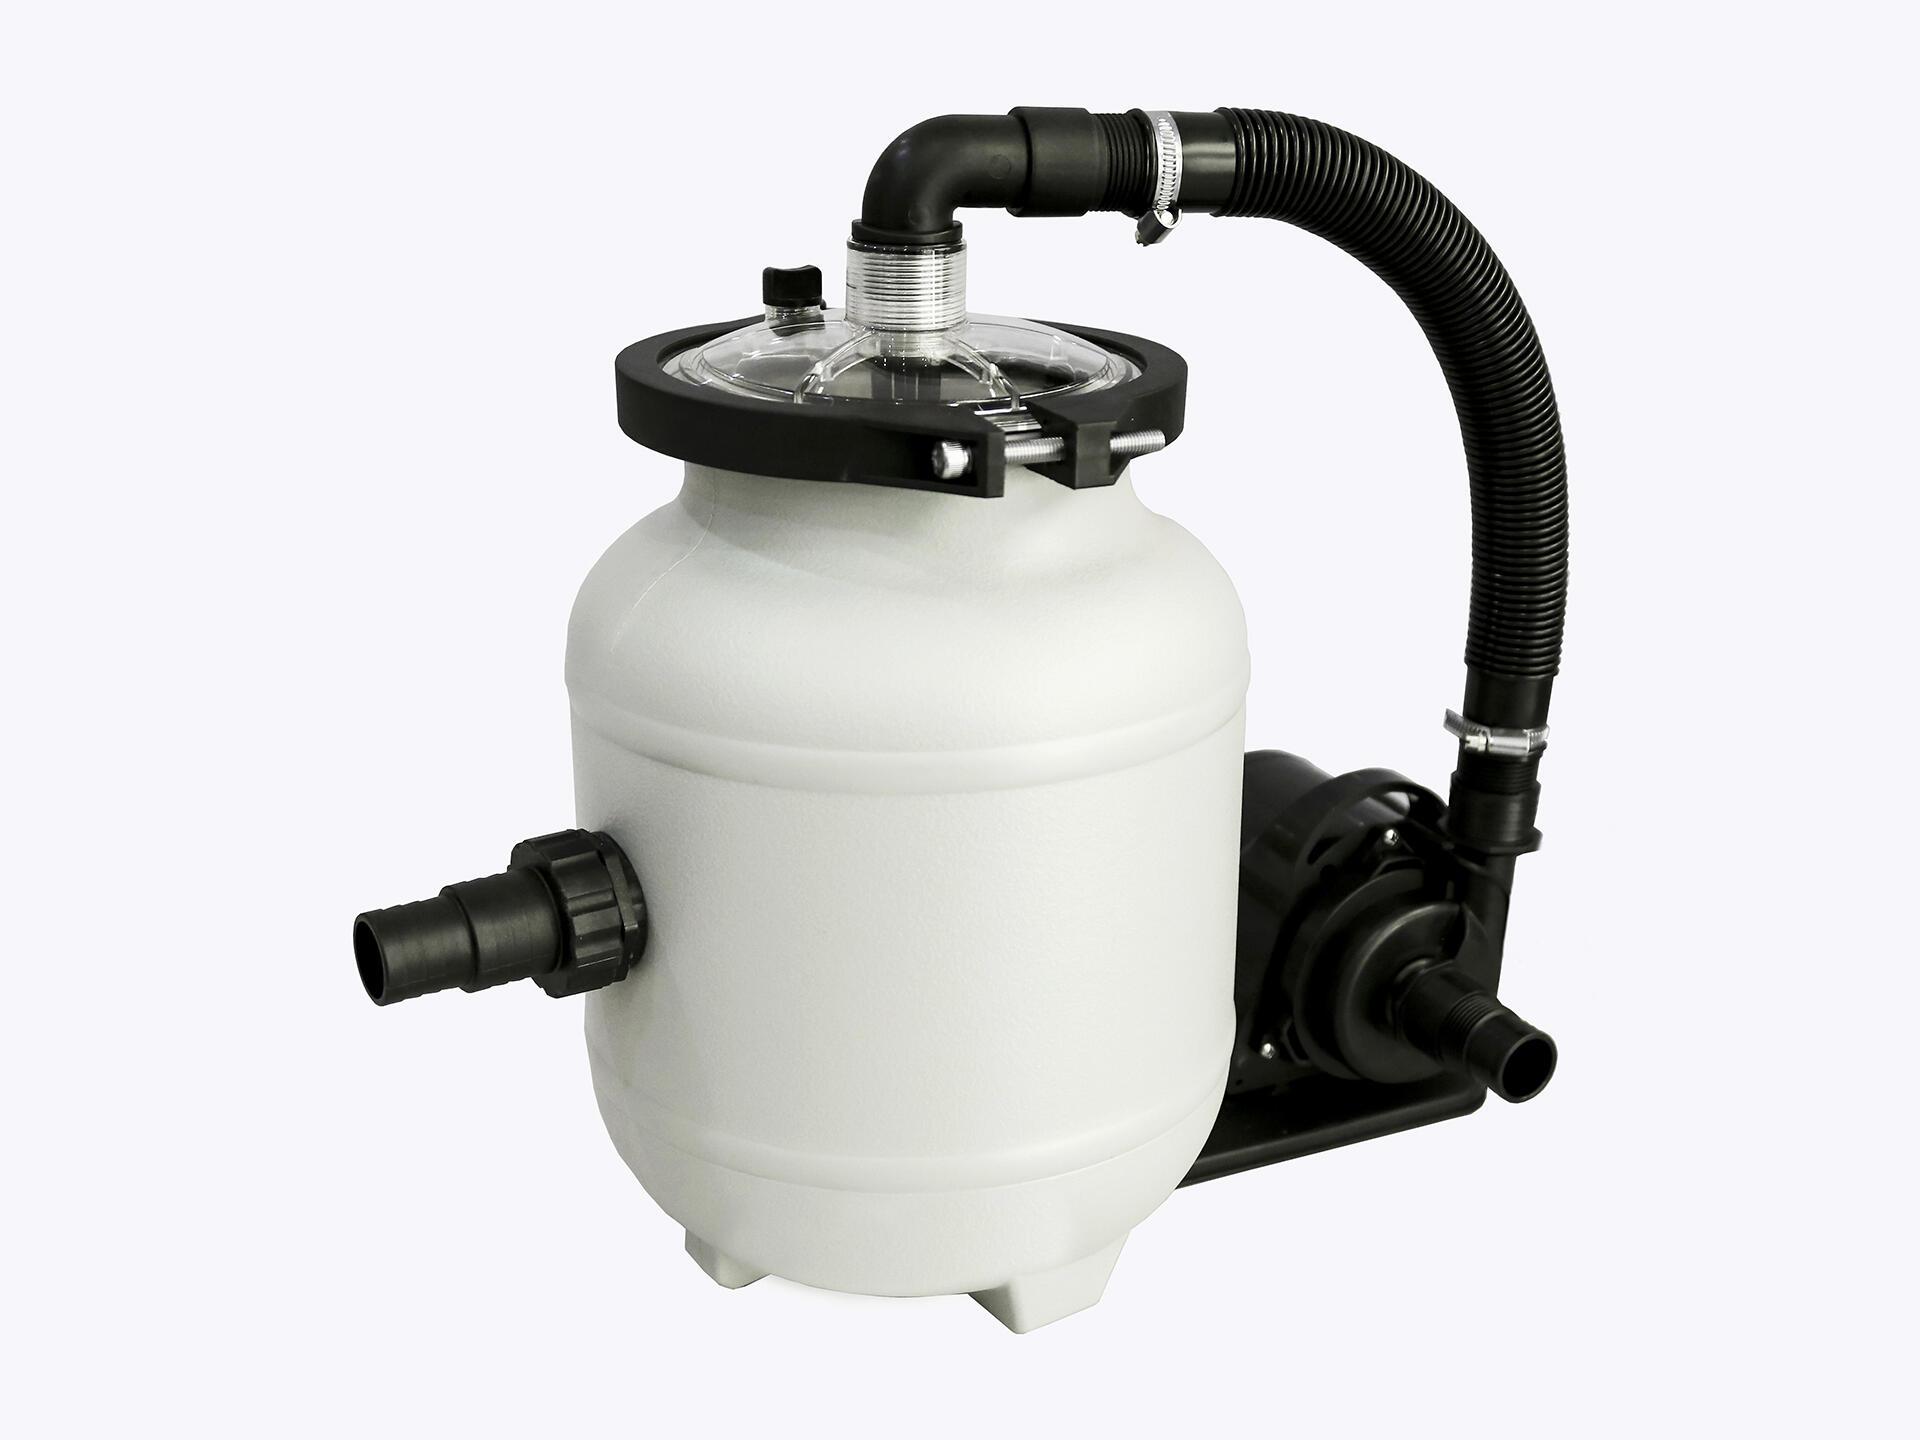 Aqualoon filtre pour piscines 4m u hubo - Fonctionnement filtre a sable piscine ...